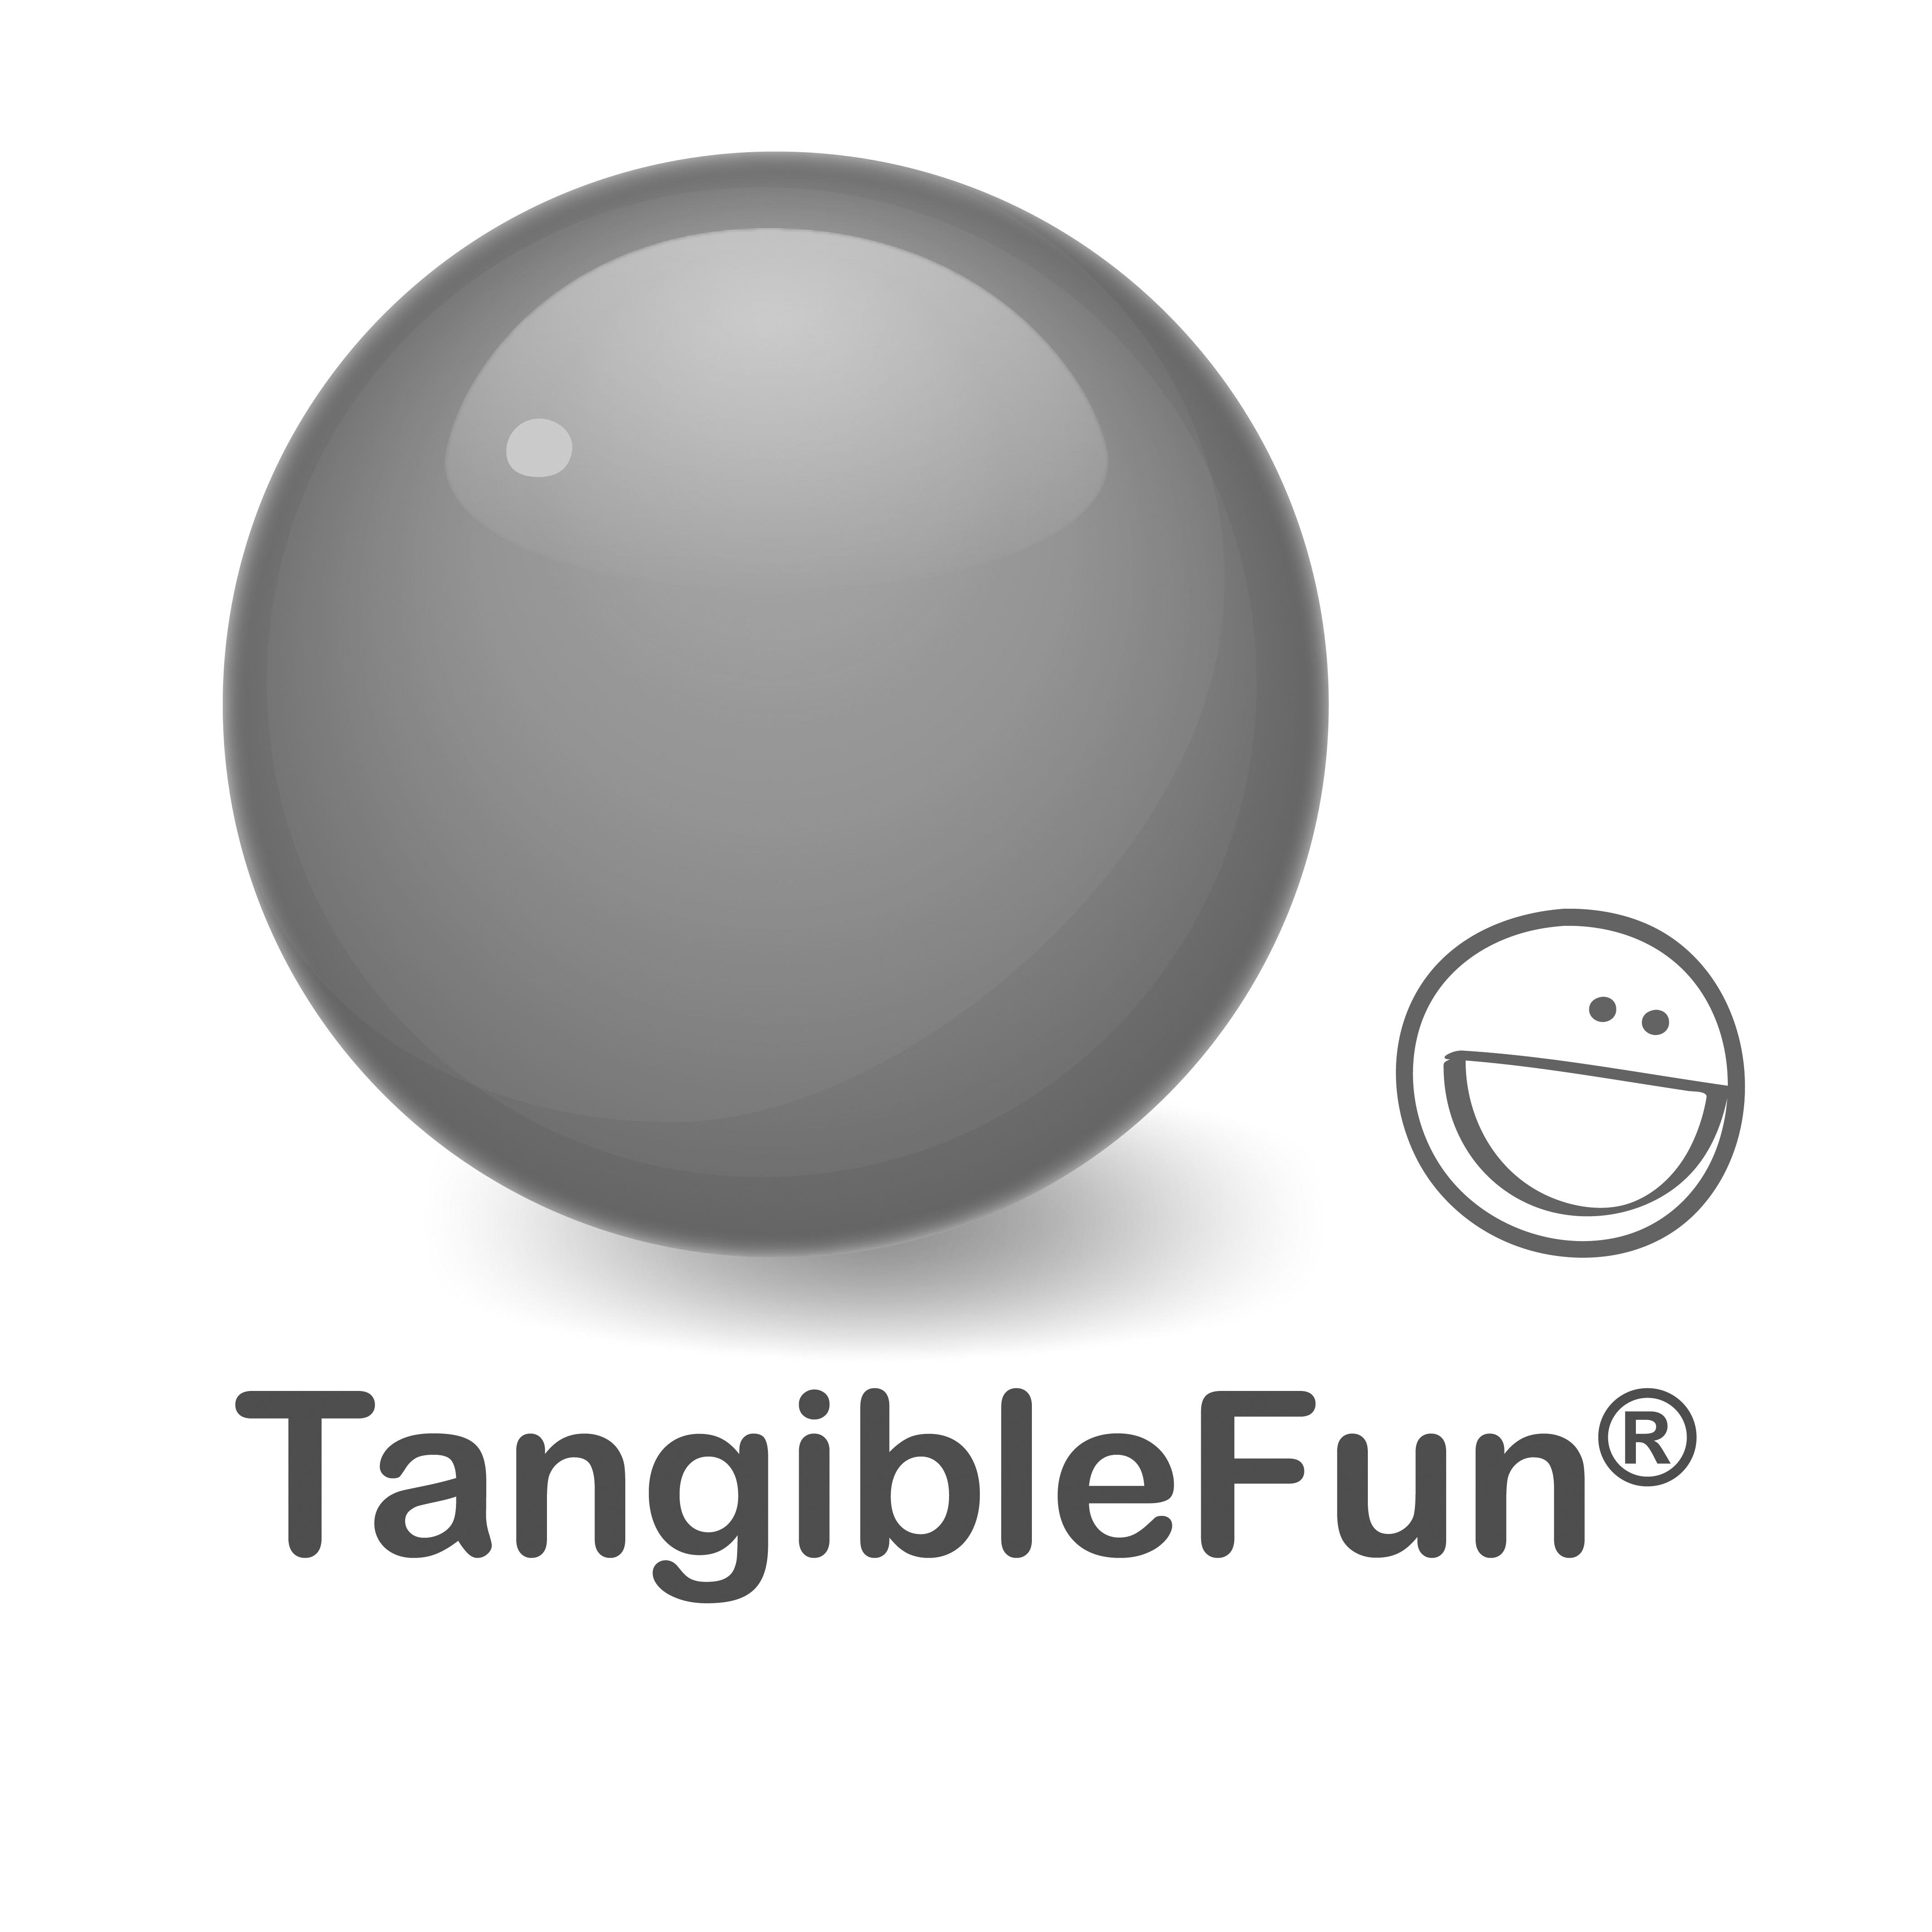 TangibleFun